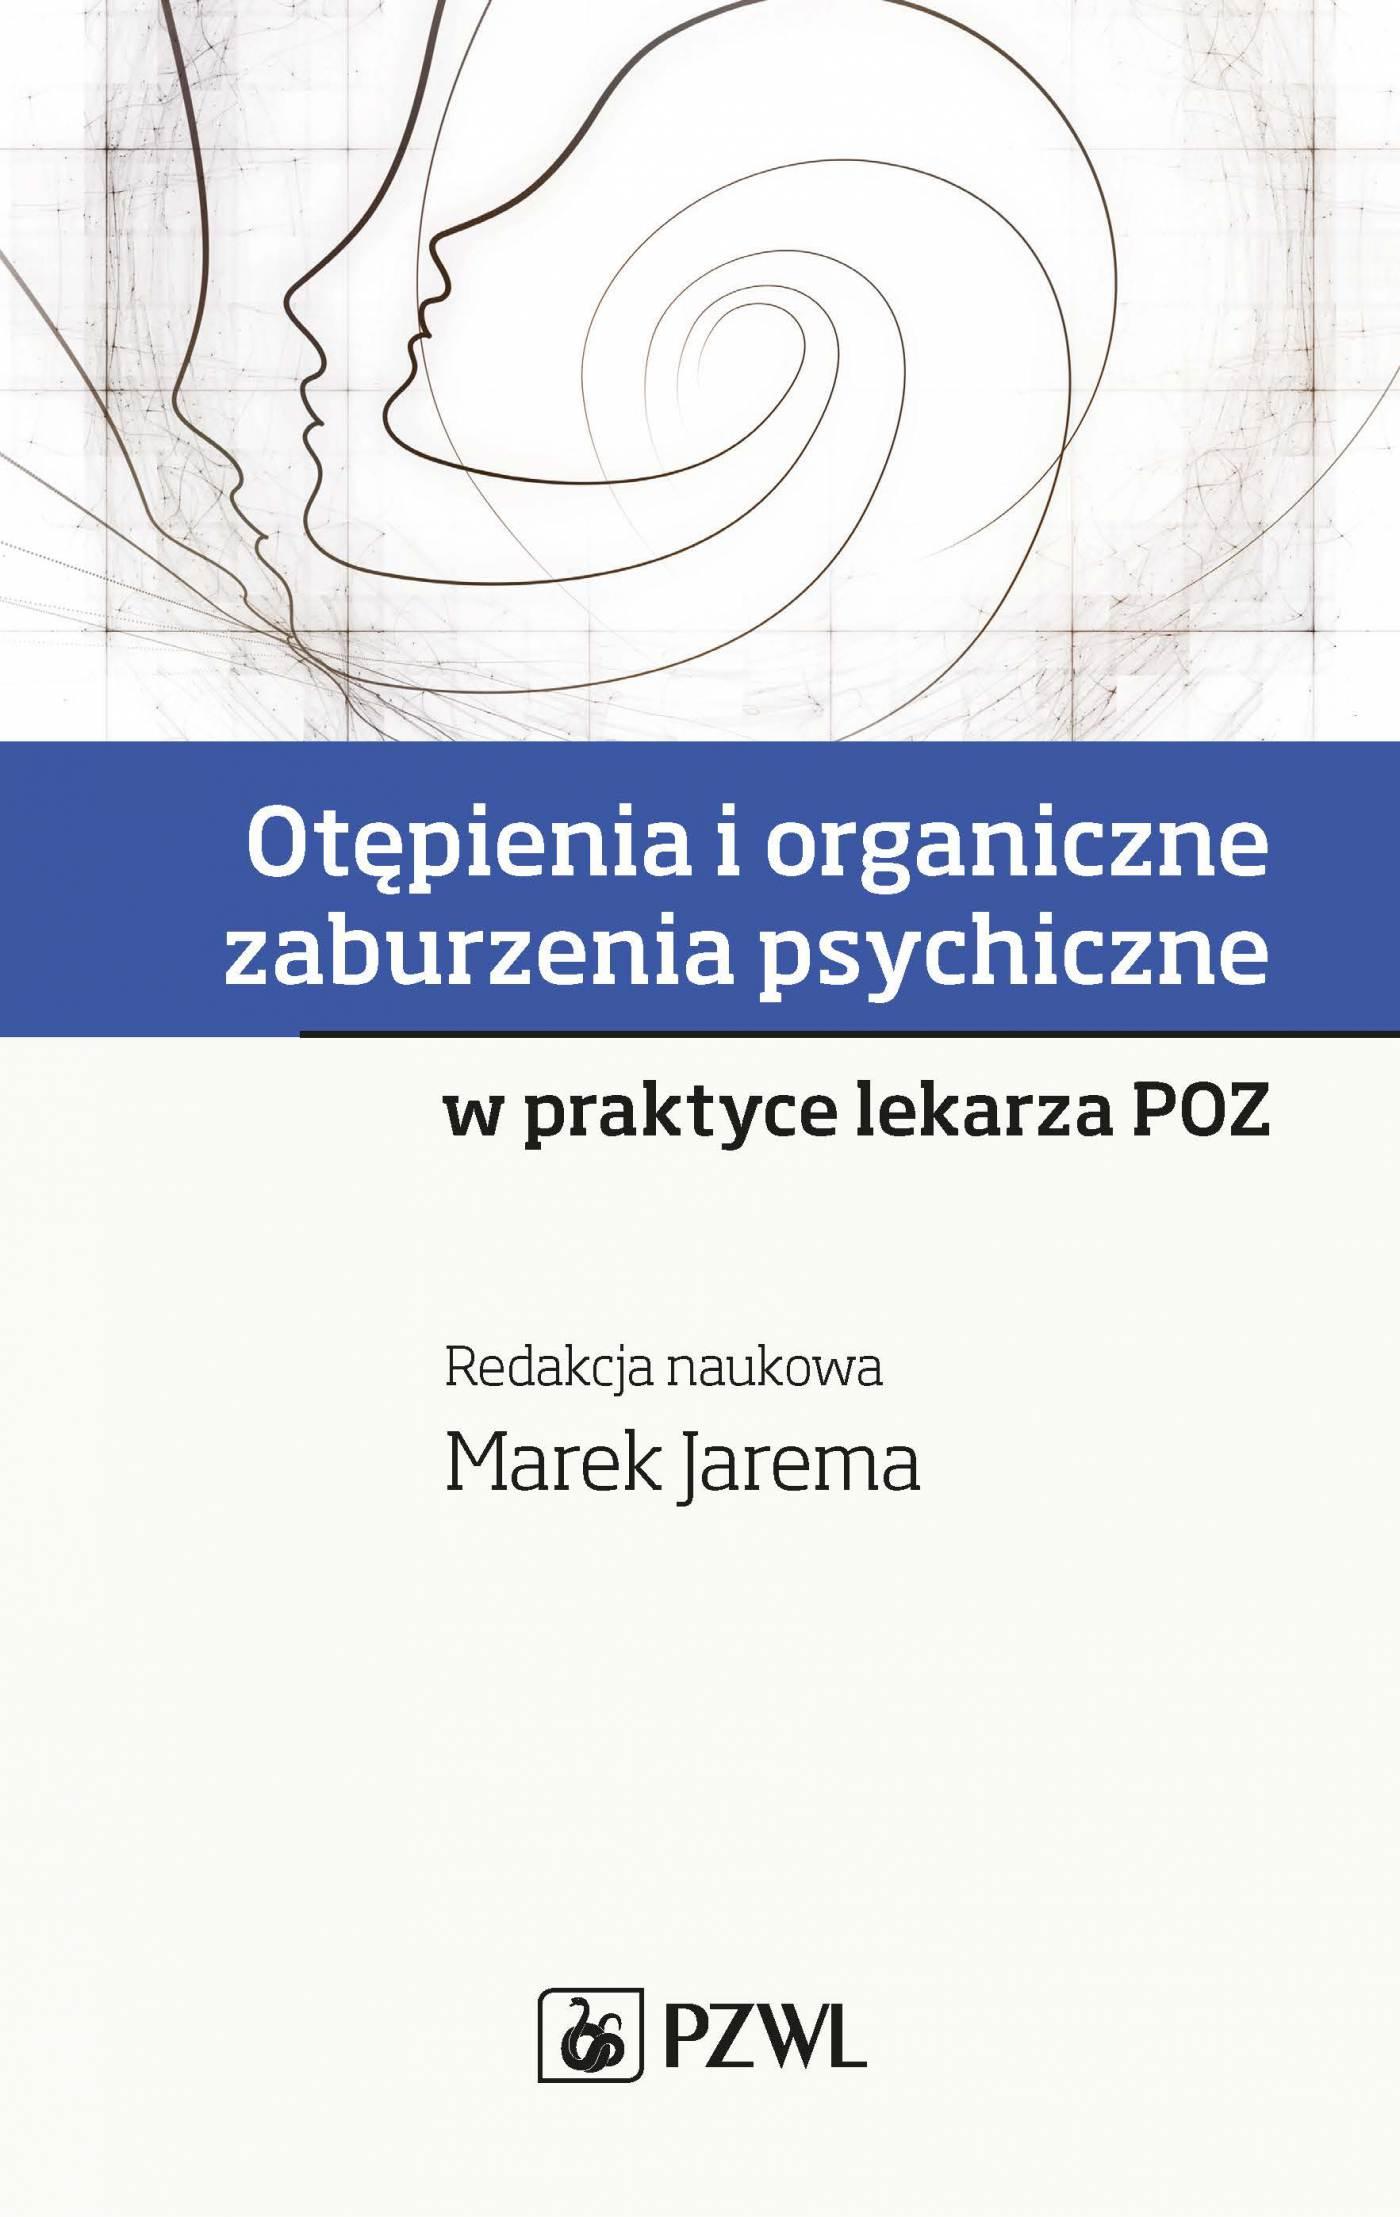 Otępienia i organiczne zaburzenia psychiczne w praktyce lekarza POZ - Ebook (Książka na Kindle) do pobrania w formacie MOBI